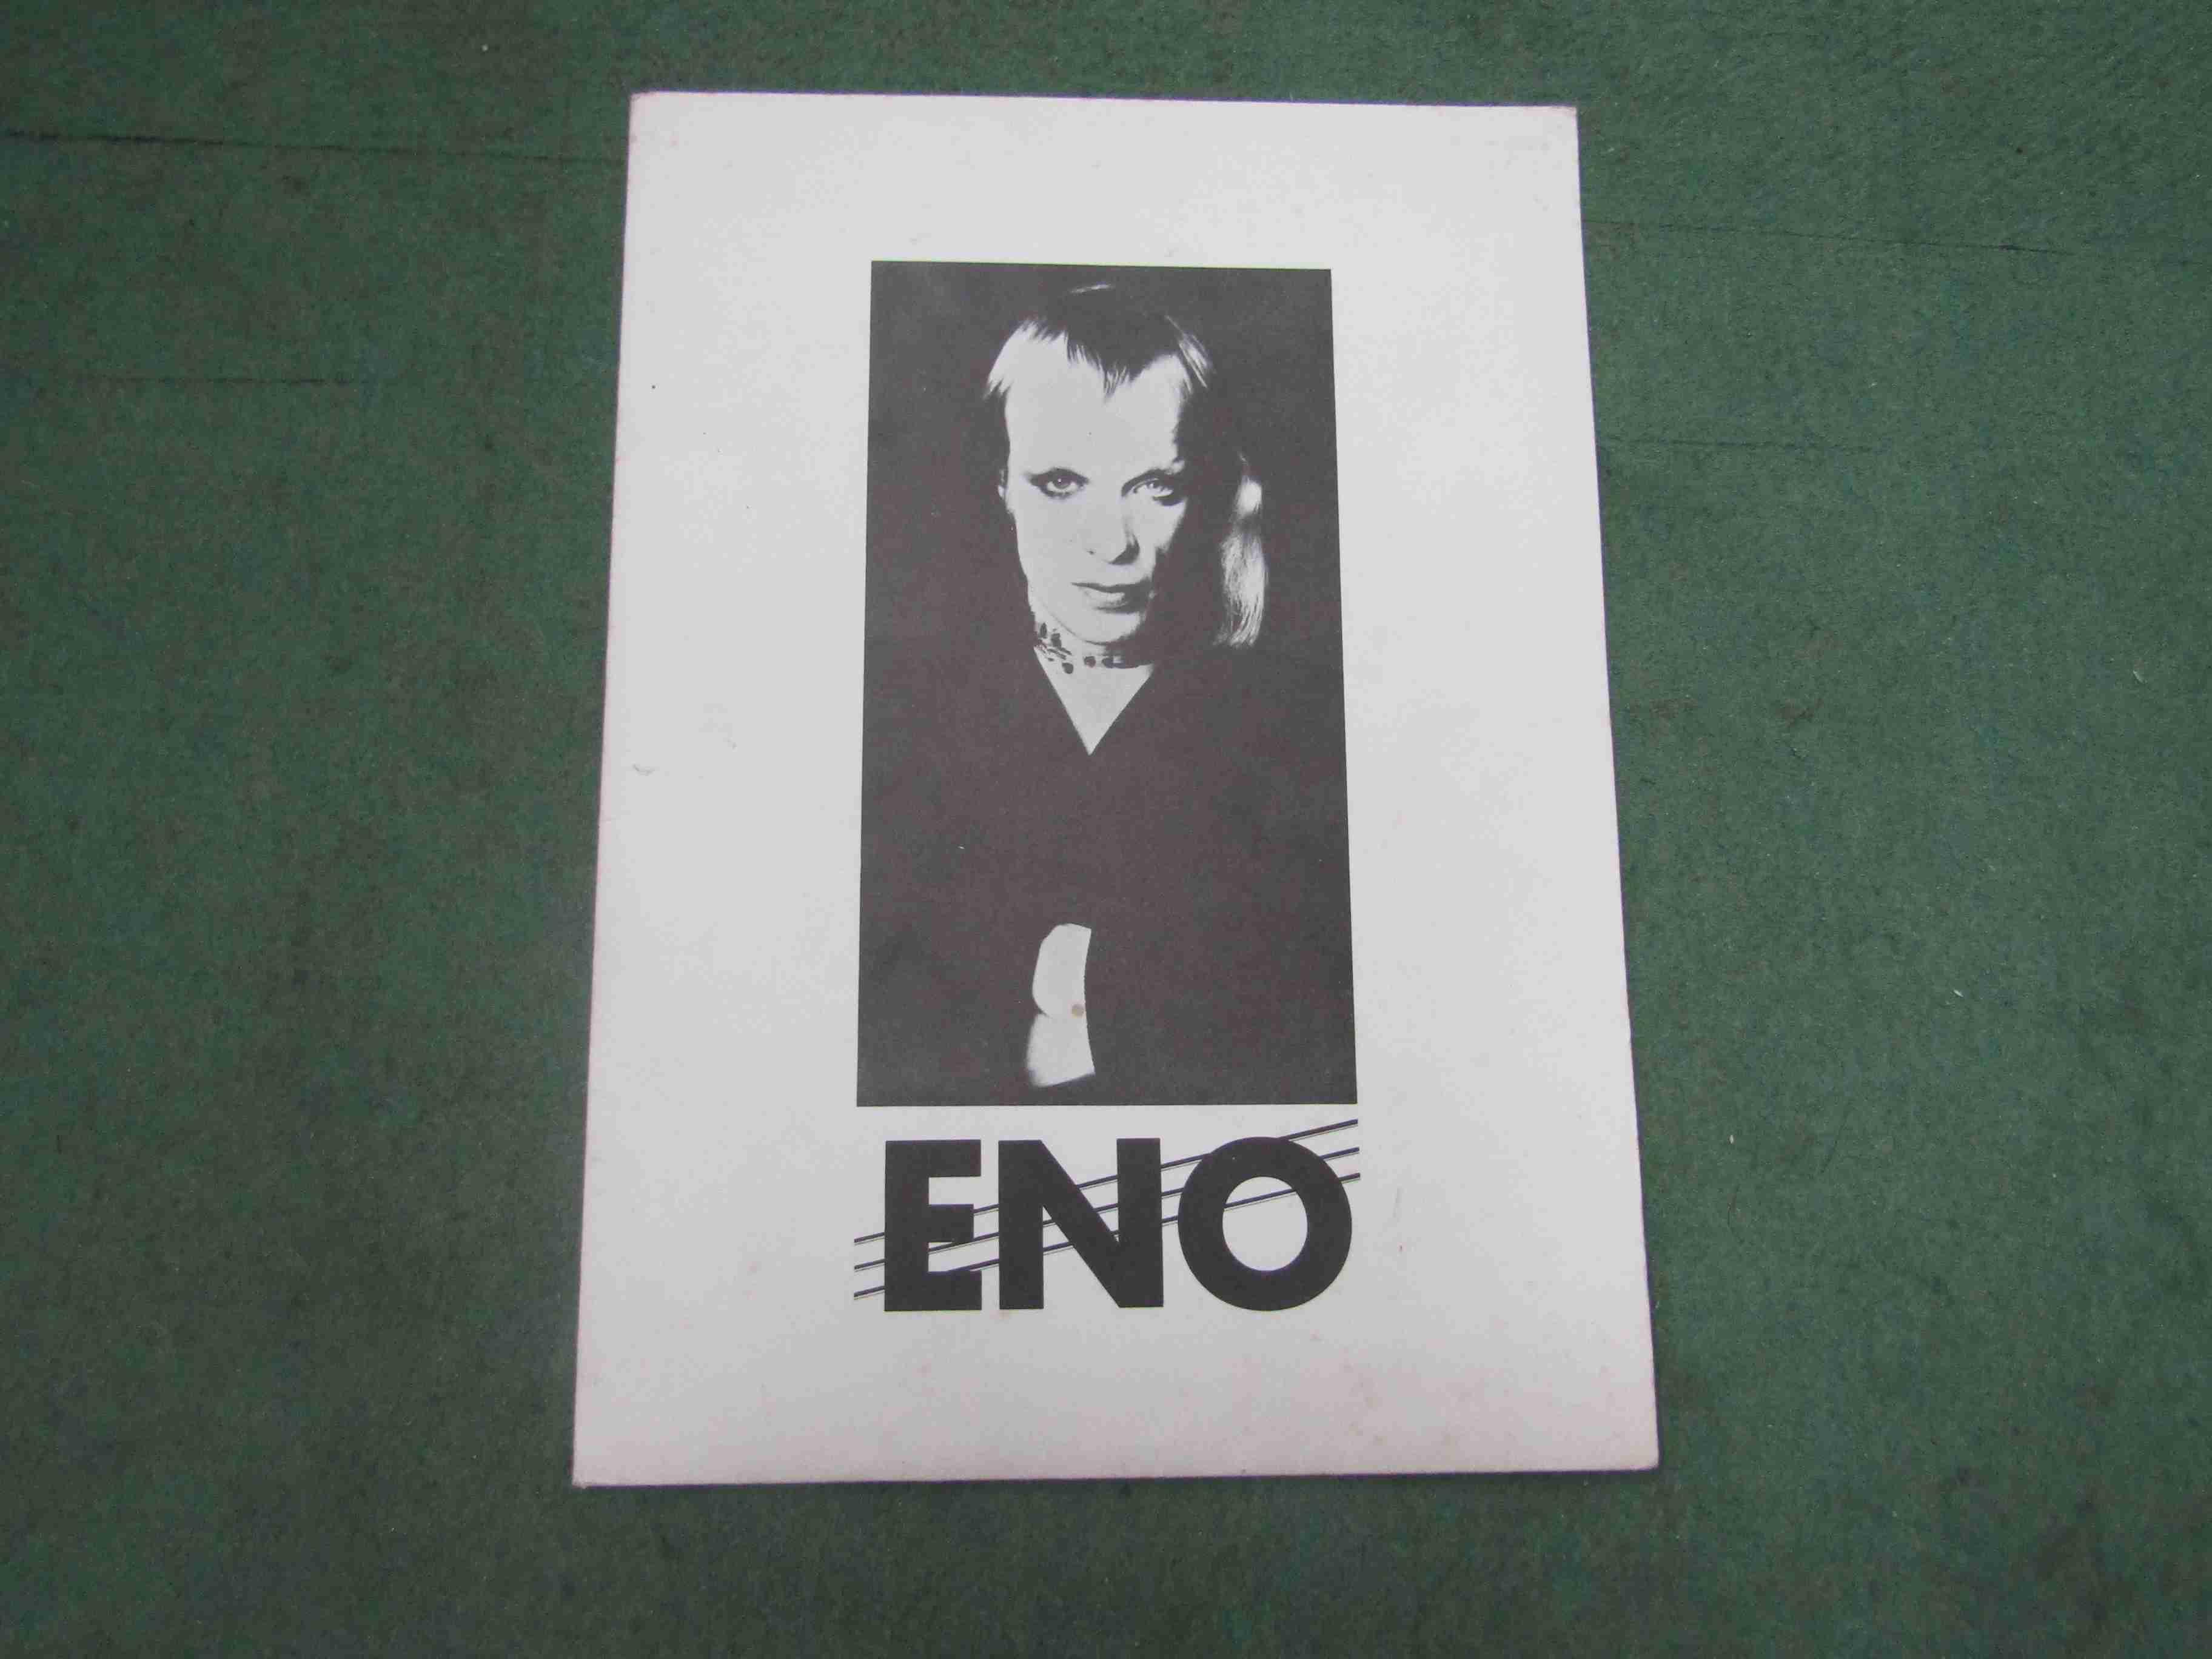 BRIAN ENO: An Island Records Eno press kit including promo photograph,